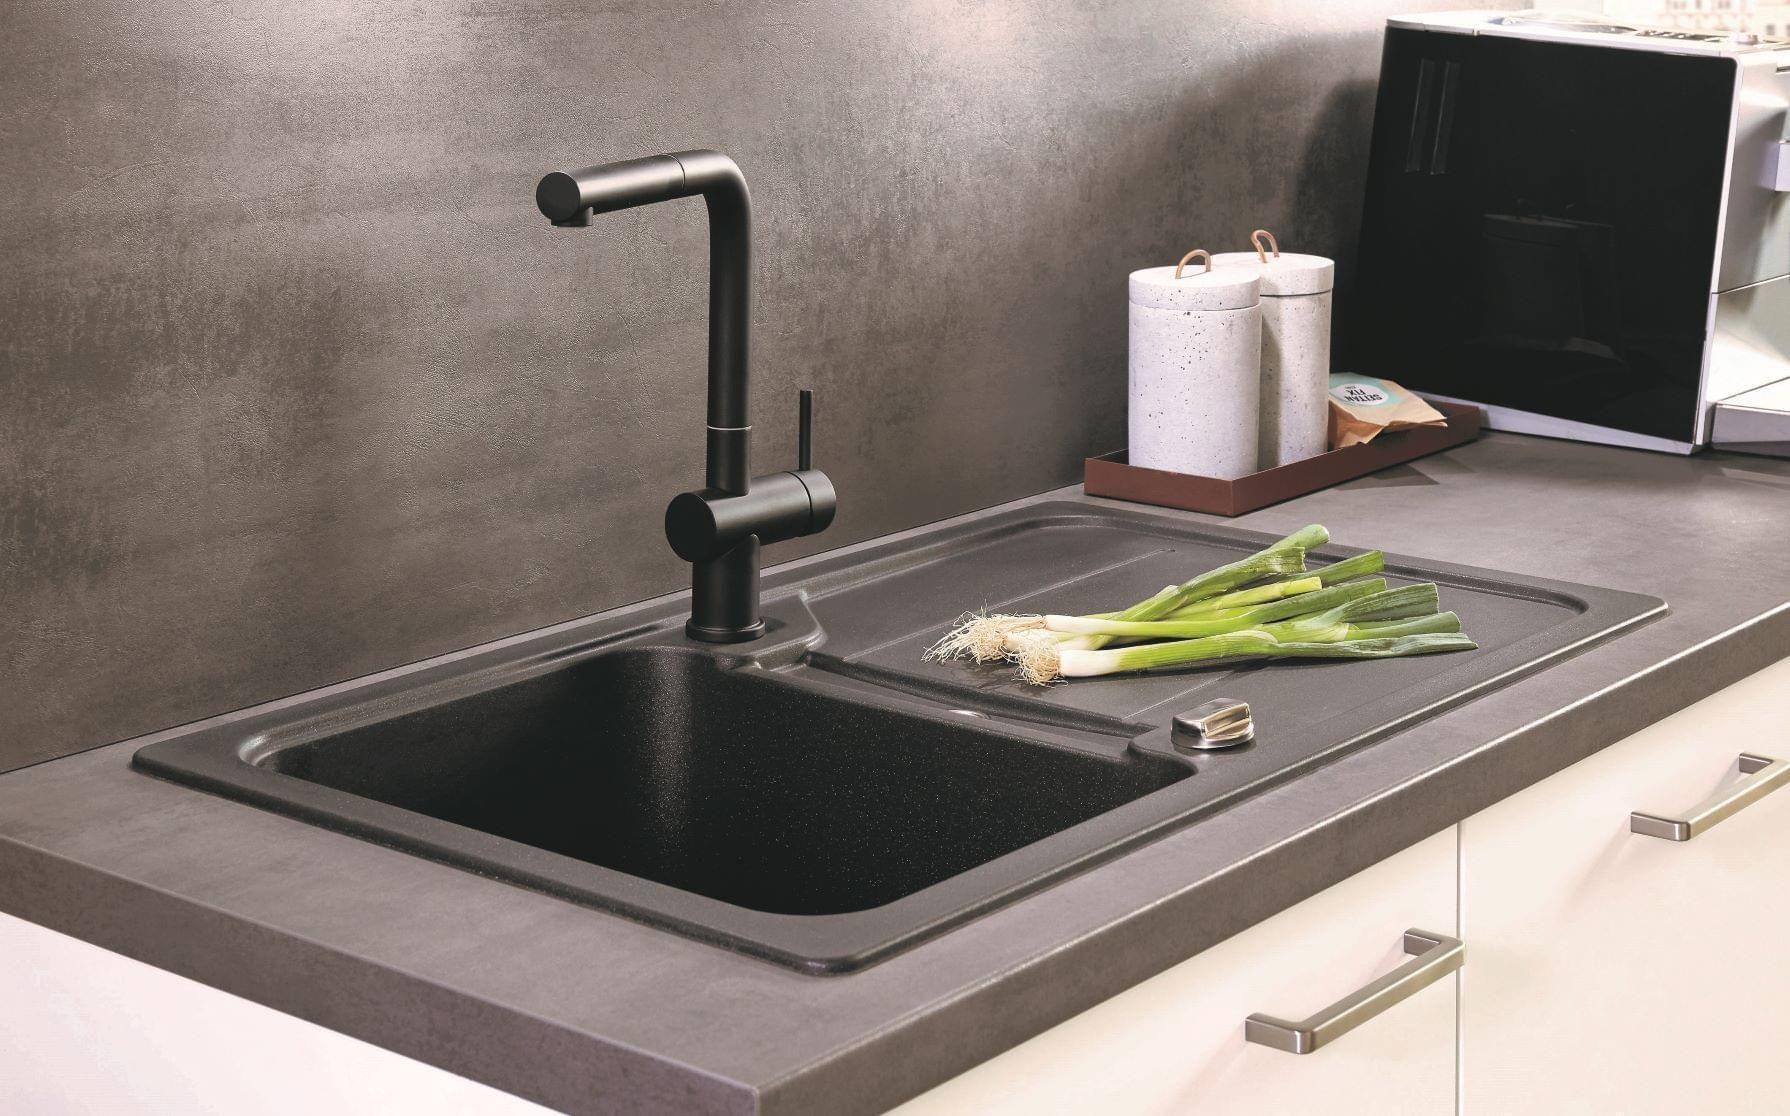 nobilia Küche Elmshorn 375 cm Weiß matt Einbauküche Beton Schiefergrau mit Elektrogeräten